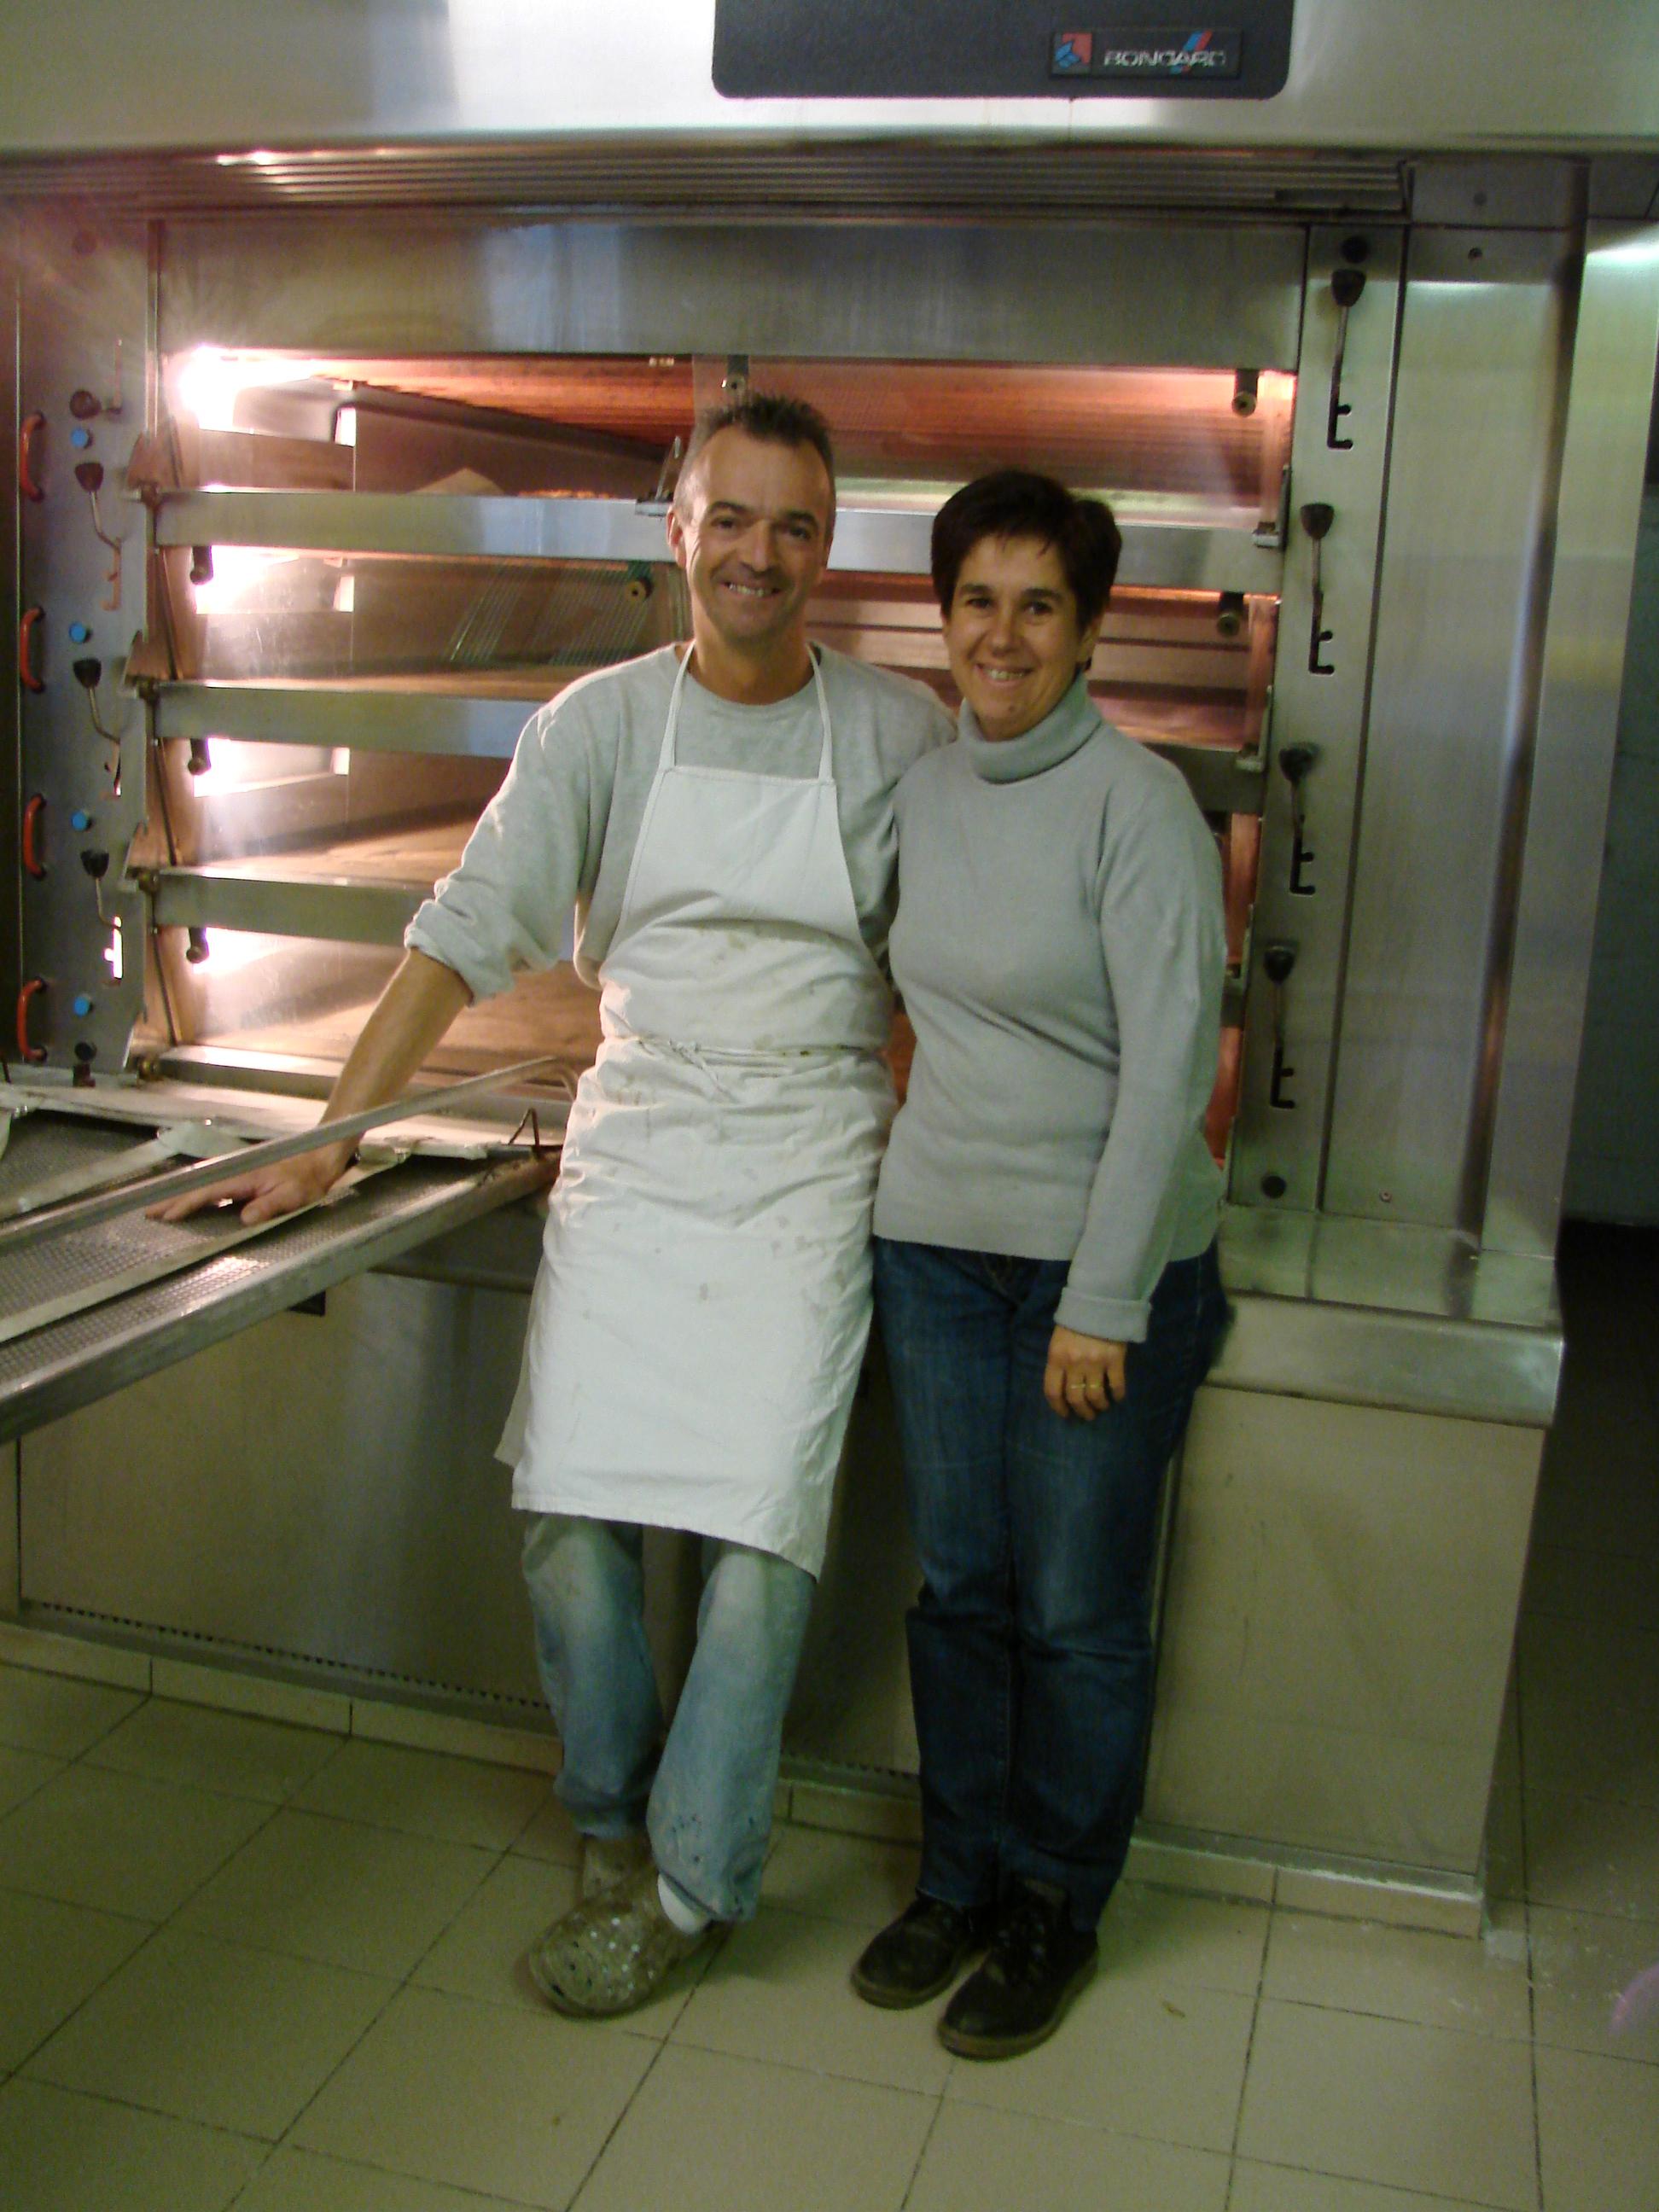 La boulangerie Pujol